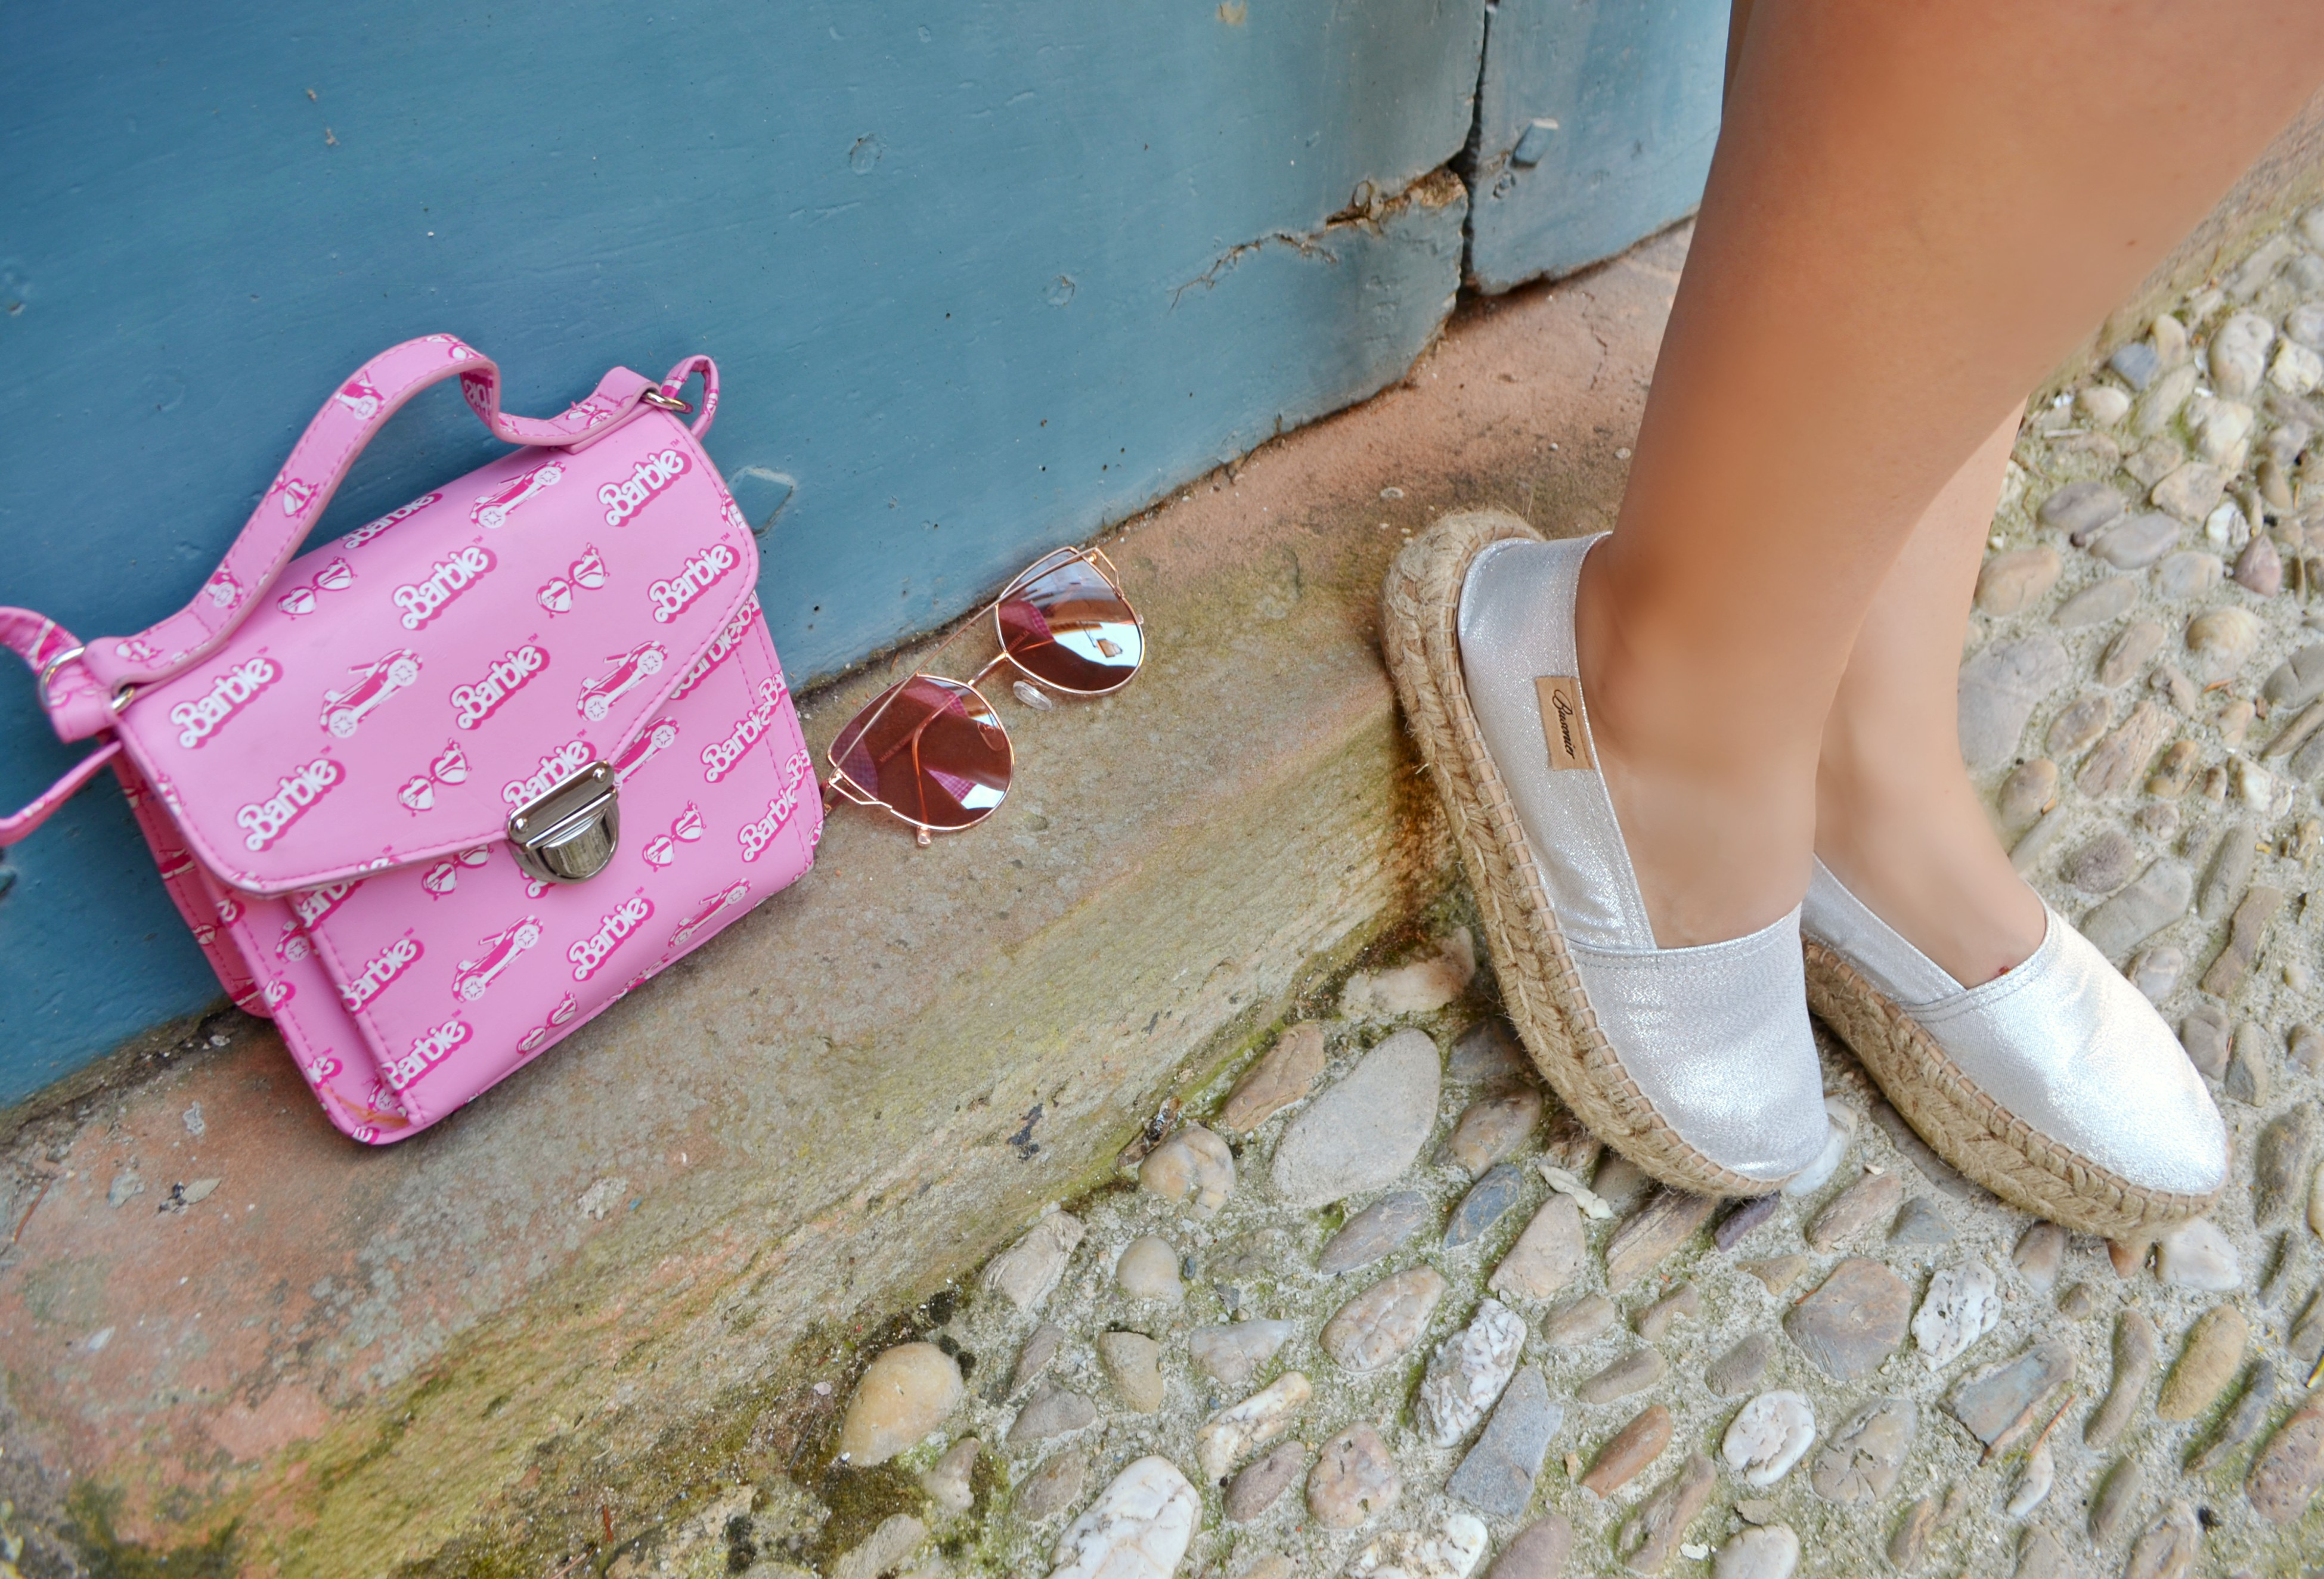 Alpargatas-busonier-ChicAdicta-blog-de-moda-Chic-Adicta-espadrilles-silver-barbie-accessories-influencer-accesorios-rosa-PiensaenChic-Piensa-en-Chic